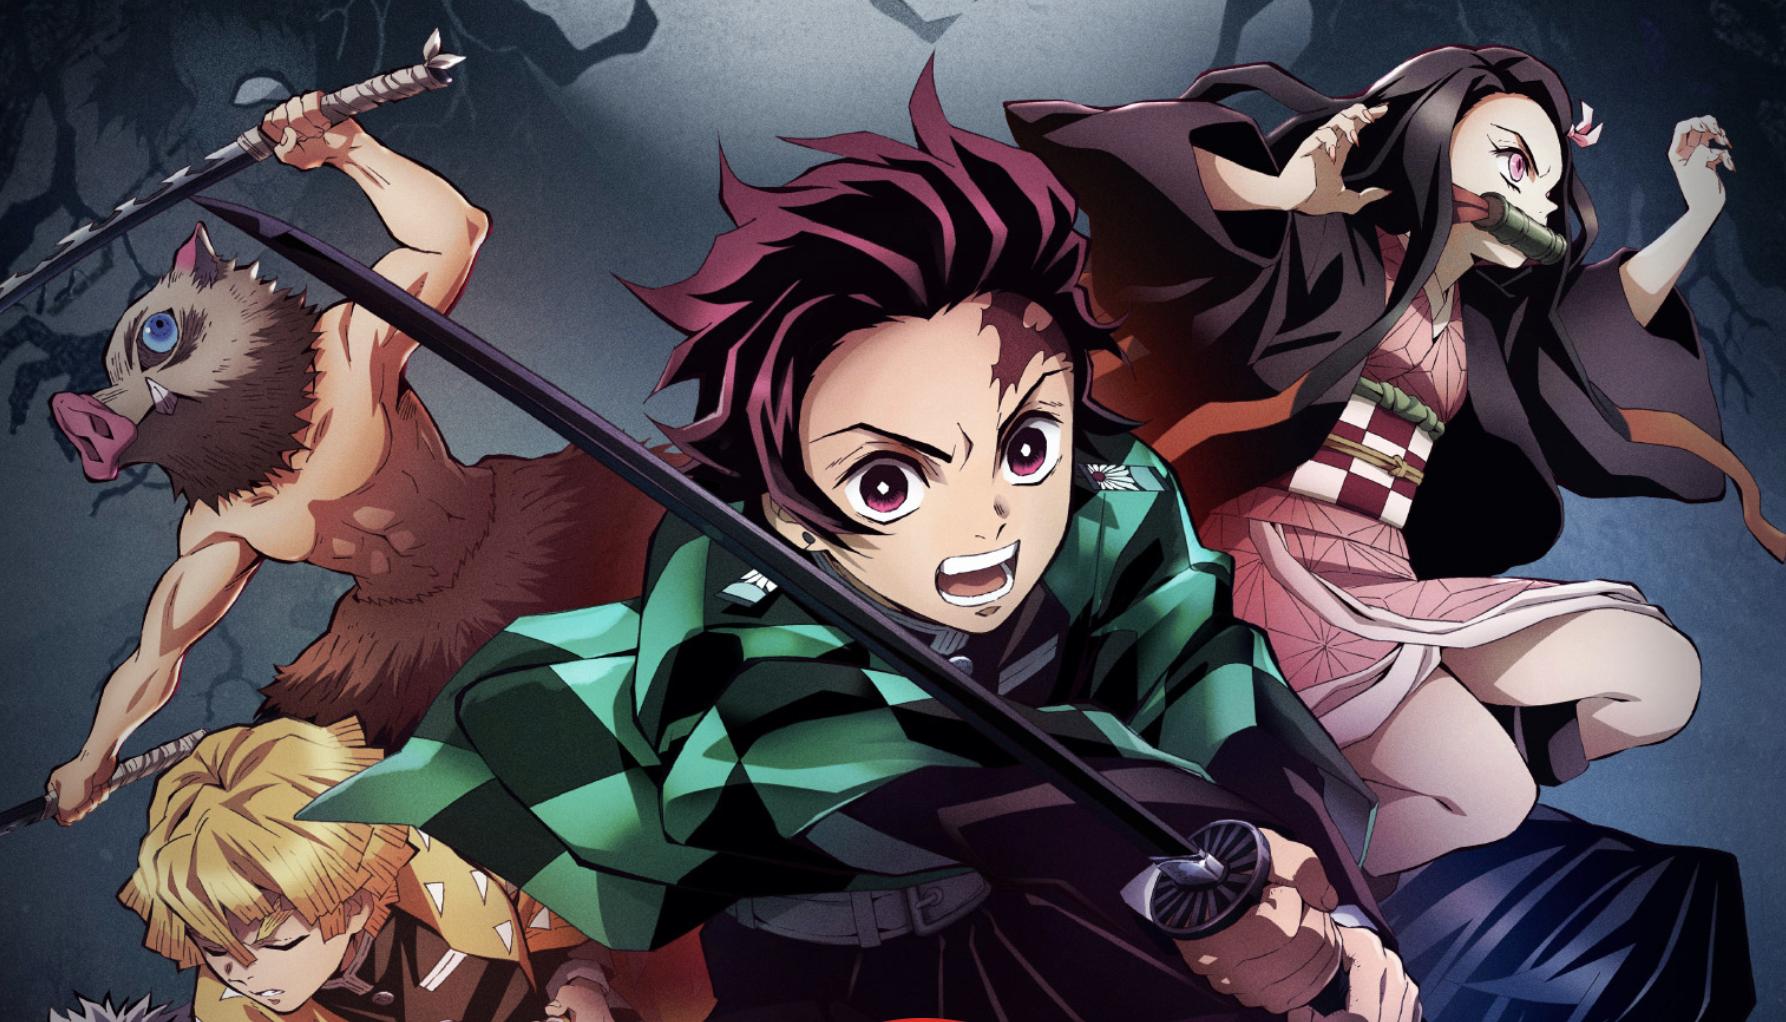 Demon Slayer Mugen Train Pelicula Online Fecha De Estreno En Funimation Kimetsu No Yaiba Peliculas Nnda Nnlt Depor Play Depor